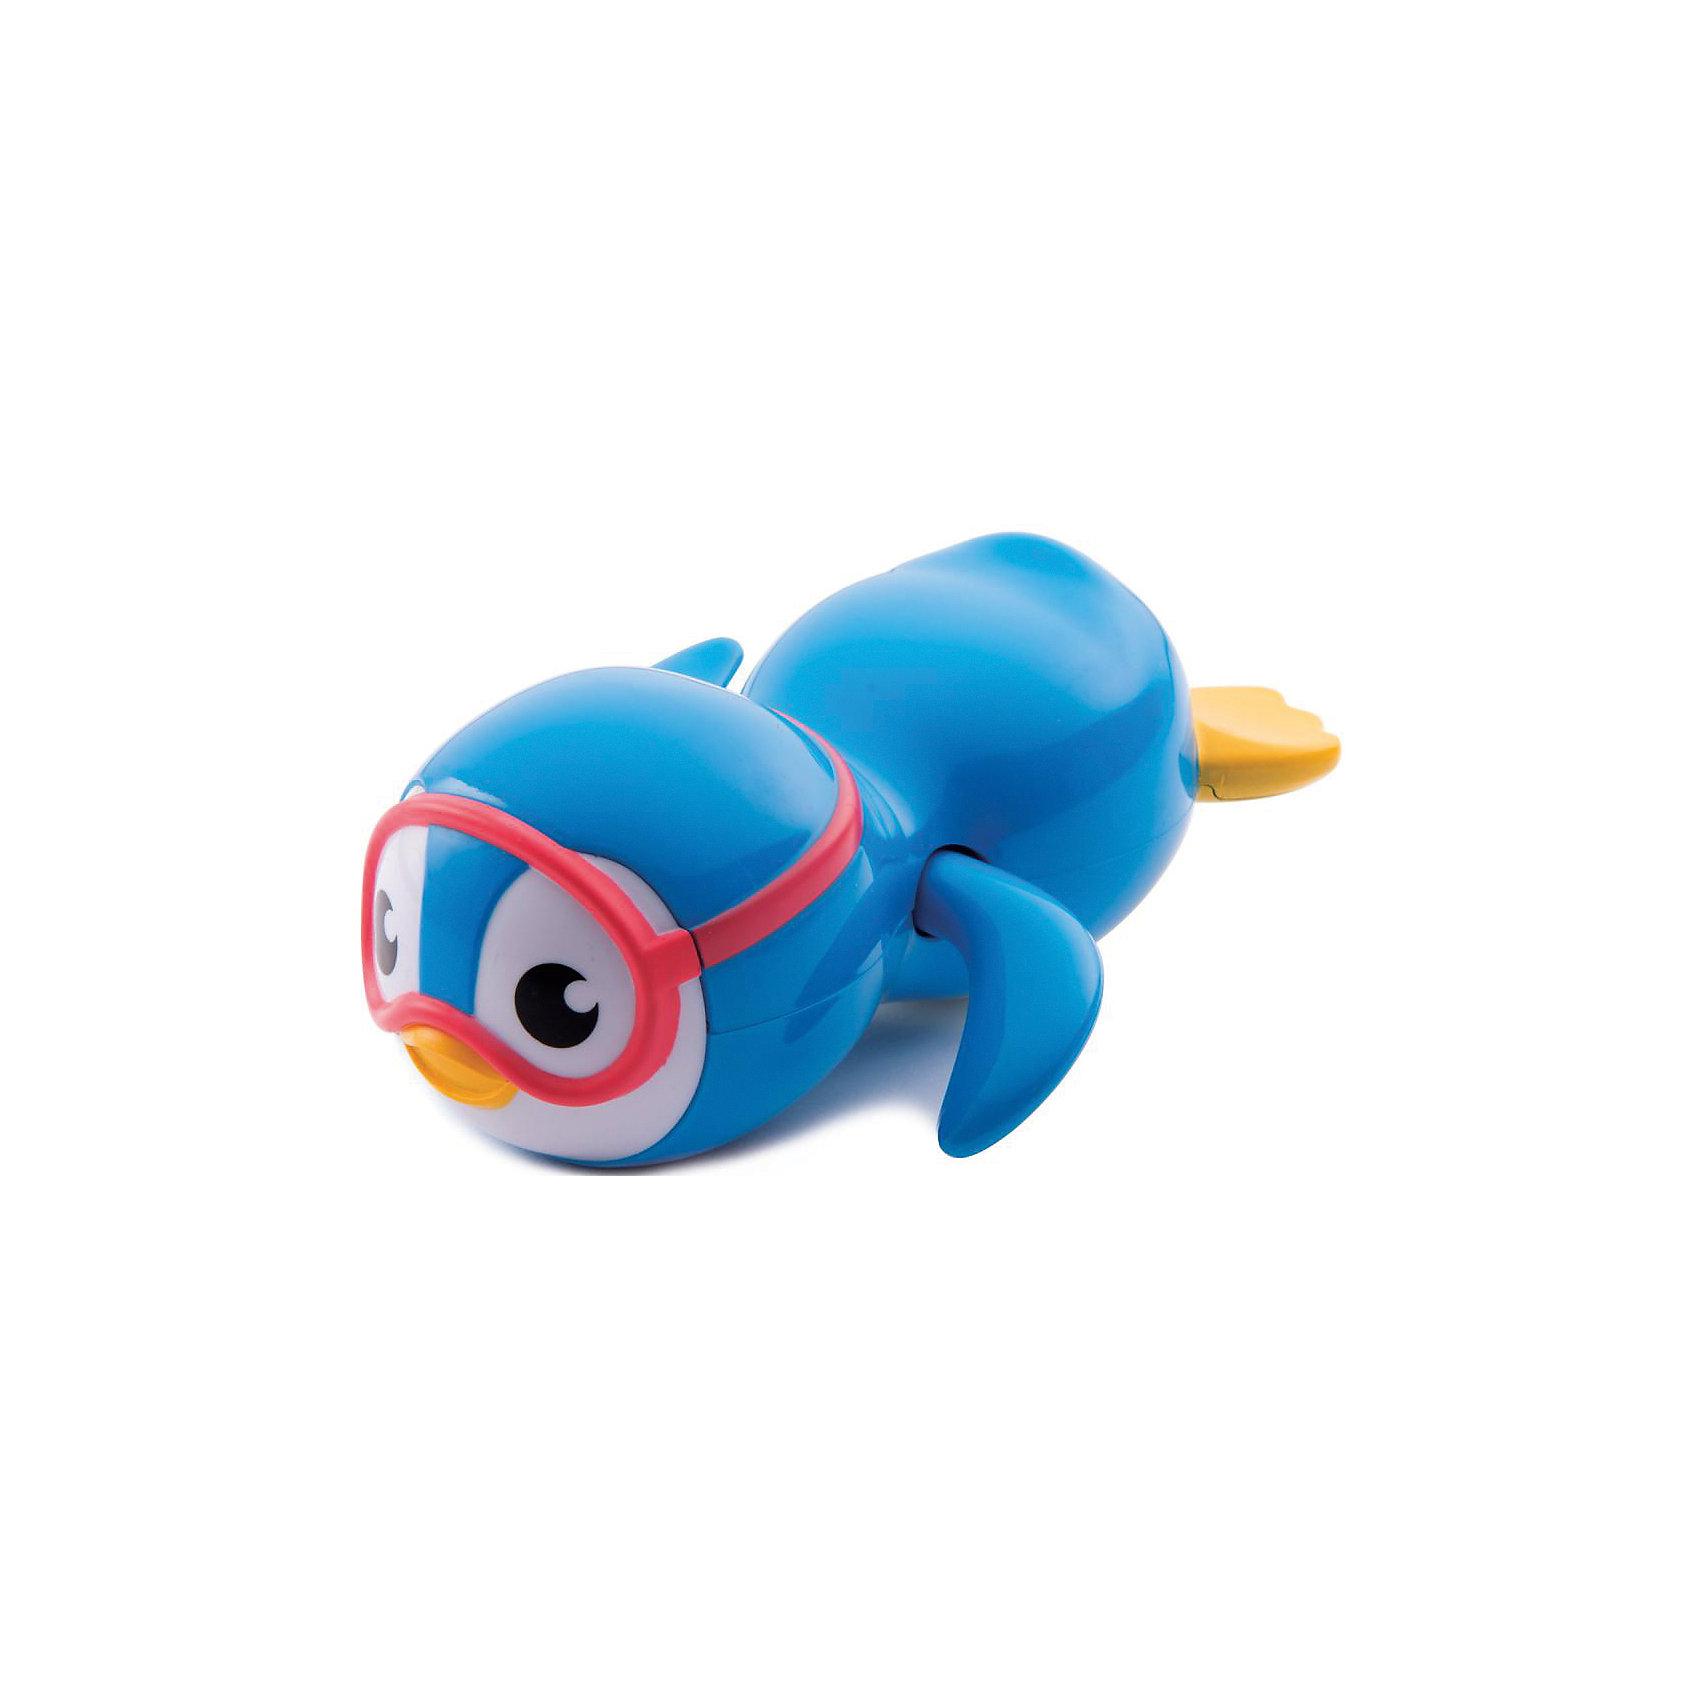 Игрушка для ванны Пингвин пловец 9+, MunchkinИгрушки для ванны<br>Игрушка для ванны Пингвин пловец 9+, Munchkin (Манчкин) - непременно понравится вашему малышу и превратит купание в веселую игру!<br>С игрушкой для ванны Пингвин-пловец от Munchkin (Манчкин) купание будет доставлять только удовольствие. Если завести механизм игрушки, она начнет забавно перебирать плавниками, плавая по пространству ванной - веселье во время купания гарантировано. Запустите этого очаровательного пингвинчика в ванну и наблюдайте, как стремительный пловец рассекает в воде! Игрушка развивает координацию движений, тактильное восприятие и доставляет массу положительных эмоций. Миссия Munchkin (Манчкин), американской компании с 20-летней историей: избавить мир от надоевших и прозаических товаров, искать умные инновационные решения, которые превращает обыденные задачи в опыт, приносящий удовольствие. Понимая, что наибольшее значение в быту имеют именно мелочи, компания создает уникальные товары, которые помогают поддерживать порядок, организовывать пространство, облегчают уход за детьми – недаром компания имеет уже более 140 патентов и изобретений, используемых в создании ее неповторимой и оригинальной продукции. Munchkin (Манчкин) делает жизнь родителей легче!<br><br>Дополнительная информация:<br><br>- Для детей с 9 месяцев<br>- Материал: пластмасса<br>- Размер упаковки: 13х13х10 см.<br>- Вес: 100 гр.<br><br>Игрушку для ванны Пингвин пловец 9+, Munchkin (Манчкин) можно купить в нашем интернет-магазине.<br><br>Ширина мм: 130<br>Глубина мм: 130<br>Высота мм: 100<br>Вес г: 100<br>Возраст от месяцев: 9<br>Возраст до месяцев: 36<br>Пол: Унисекс<br>Возраст: Детский<br>SKU: 4701929